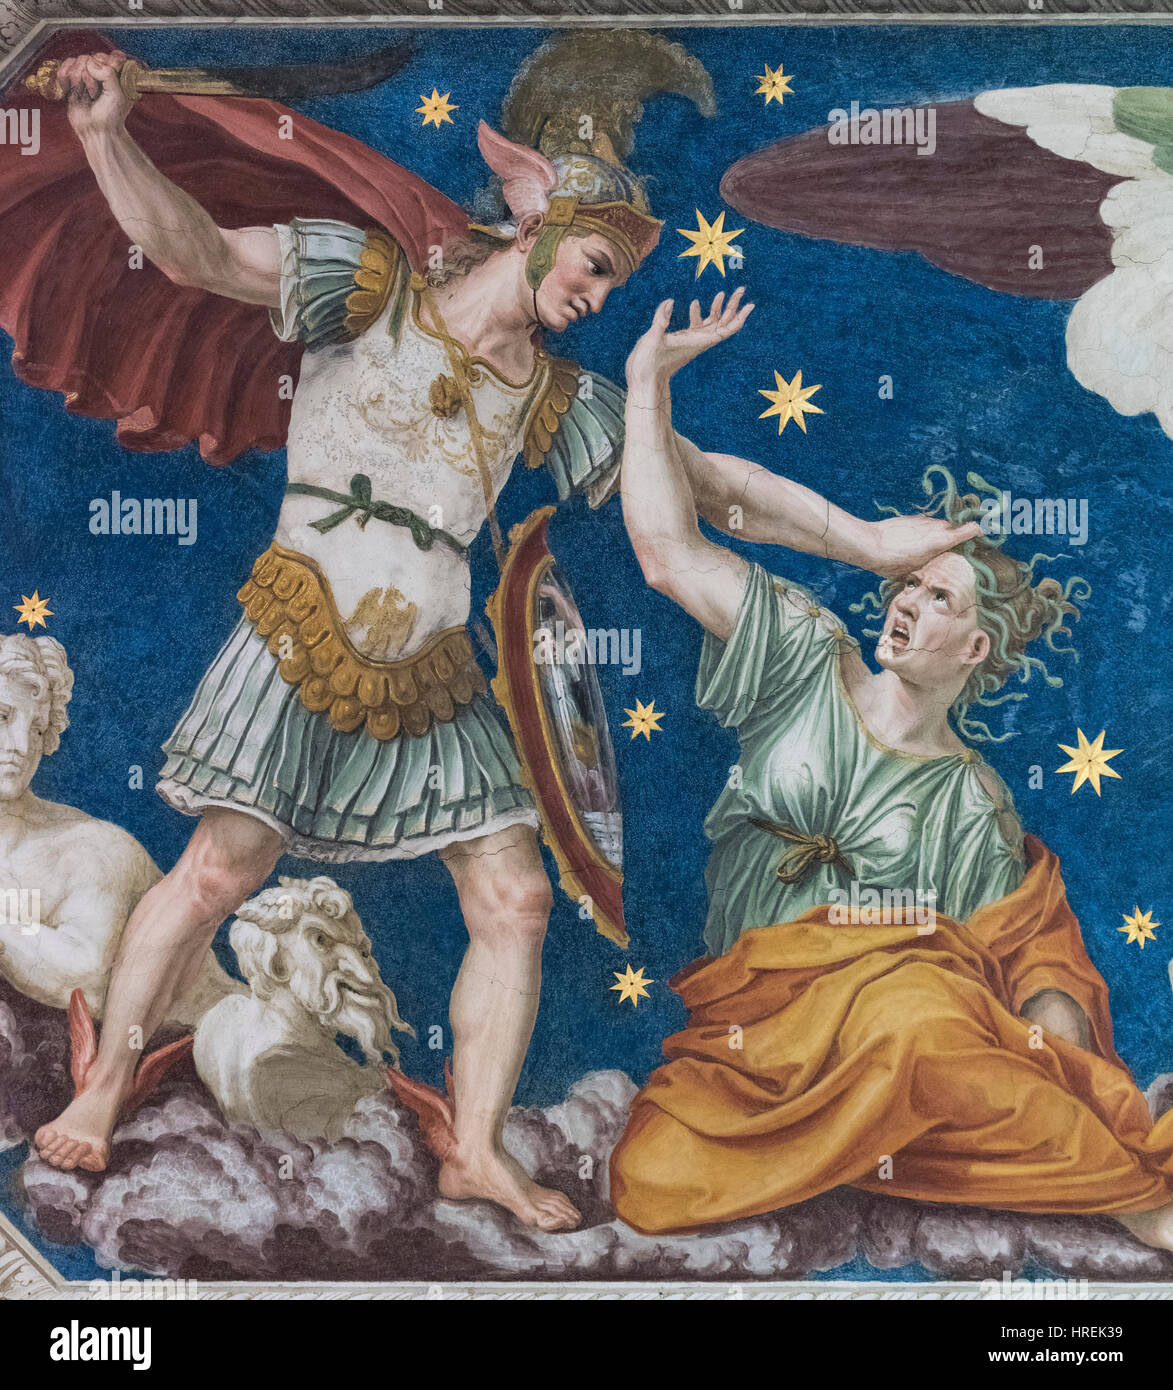 Roma. L'Italia. Villa Farnesina. Perseo costellazione, soffitto affrescato (dettaglio), 1511 da Baldassarre Immagini Stock